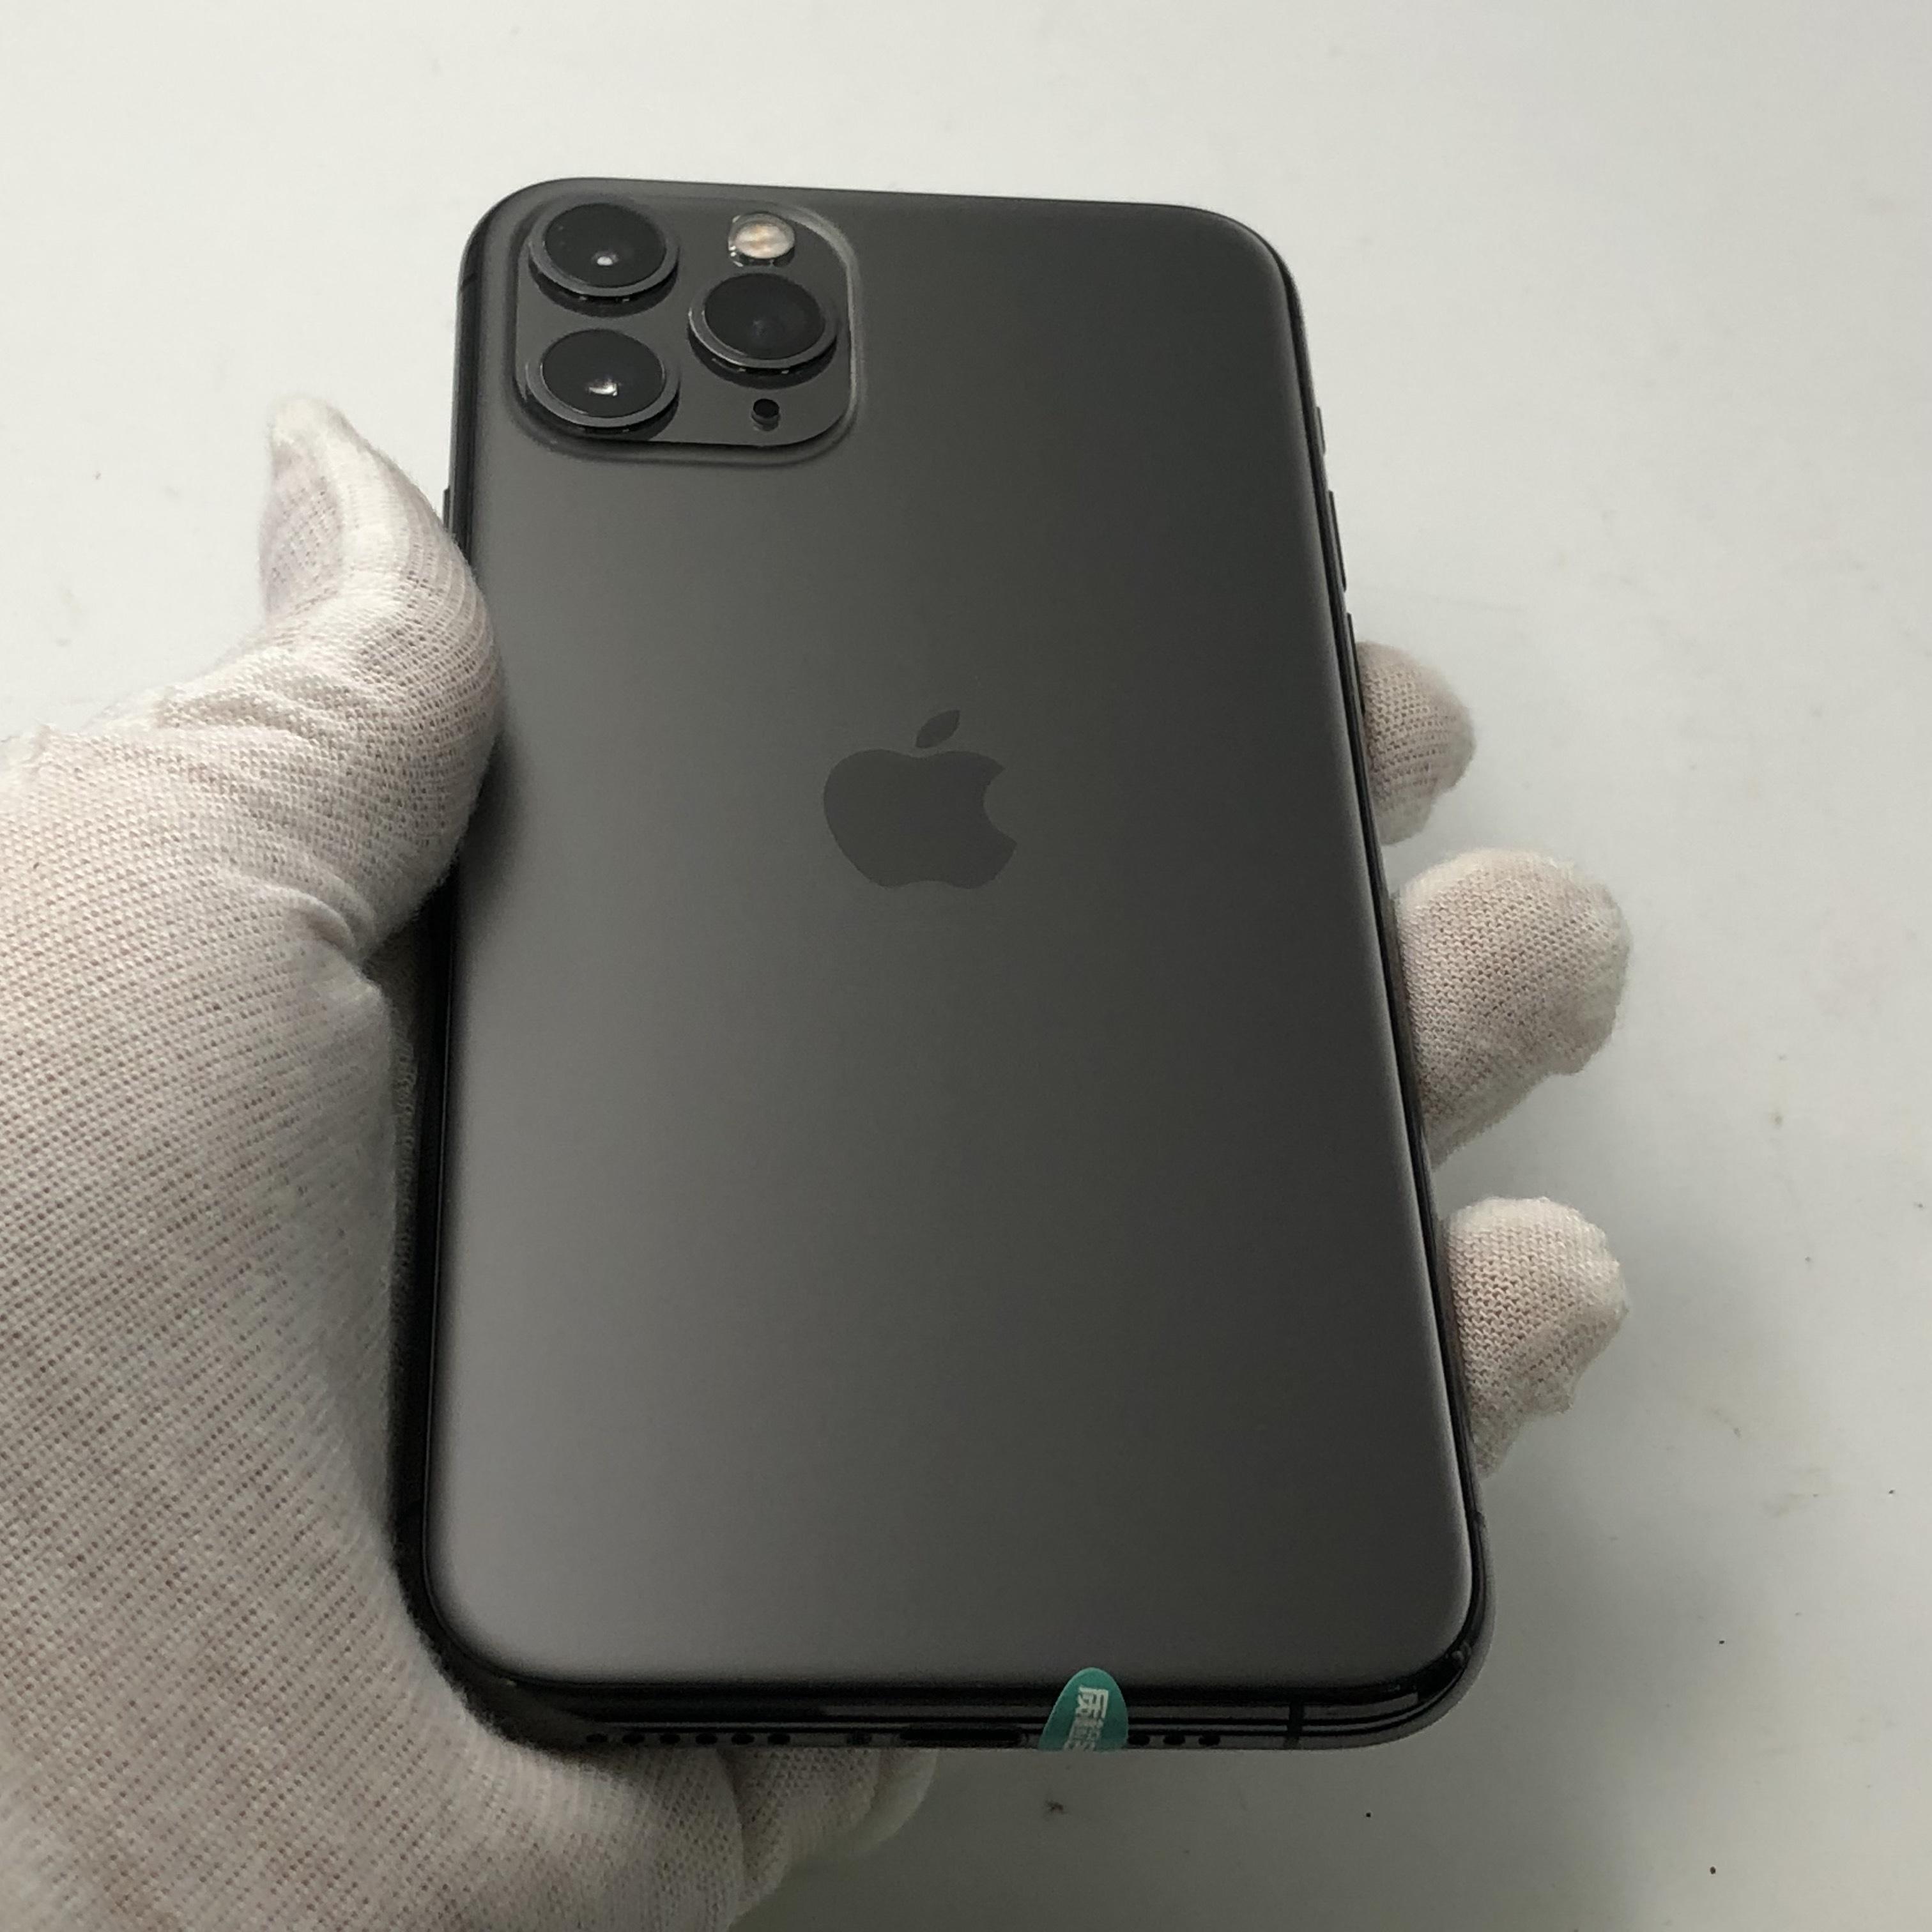 苹果【iPhone 11 Pro】4G全网通 深空灰 256G 国行 8成新